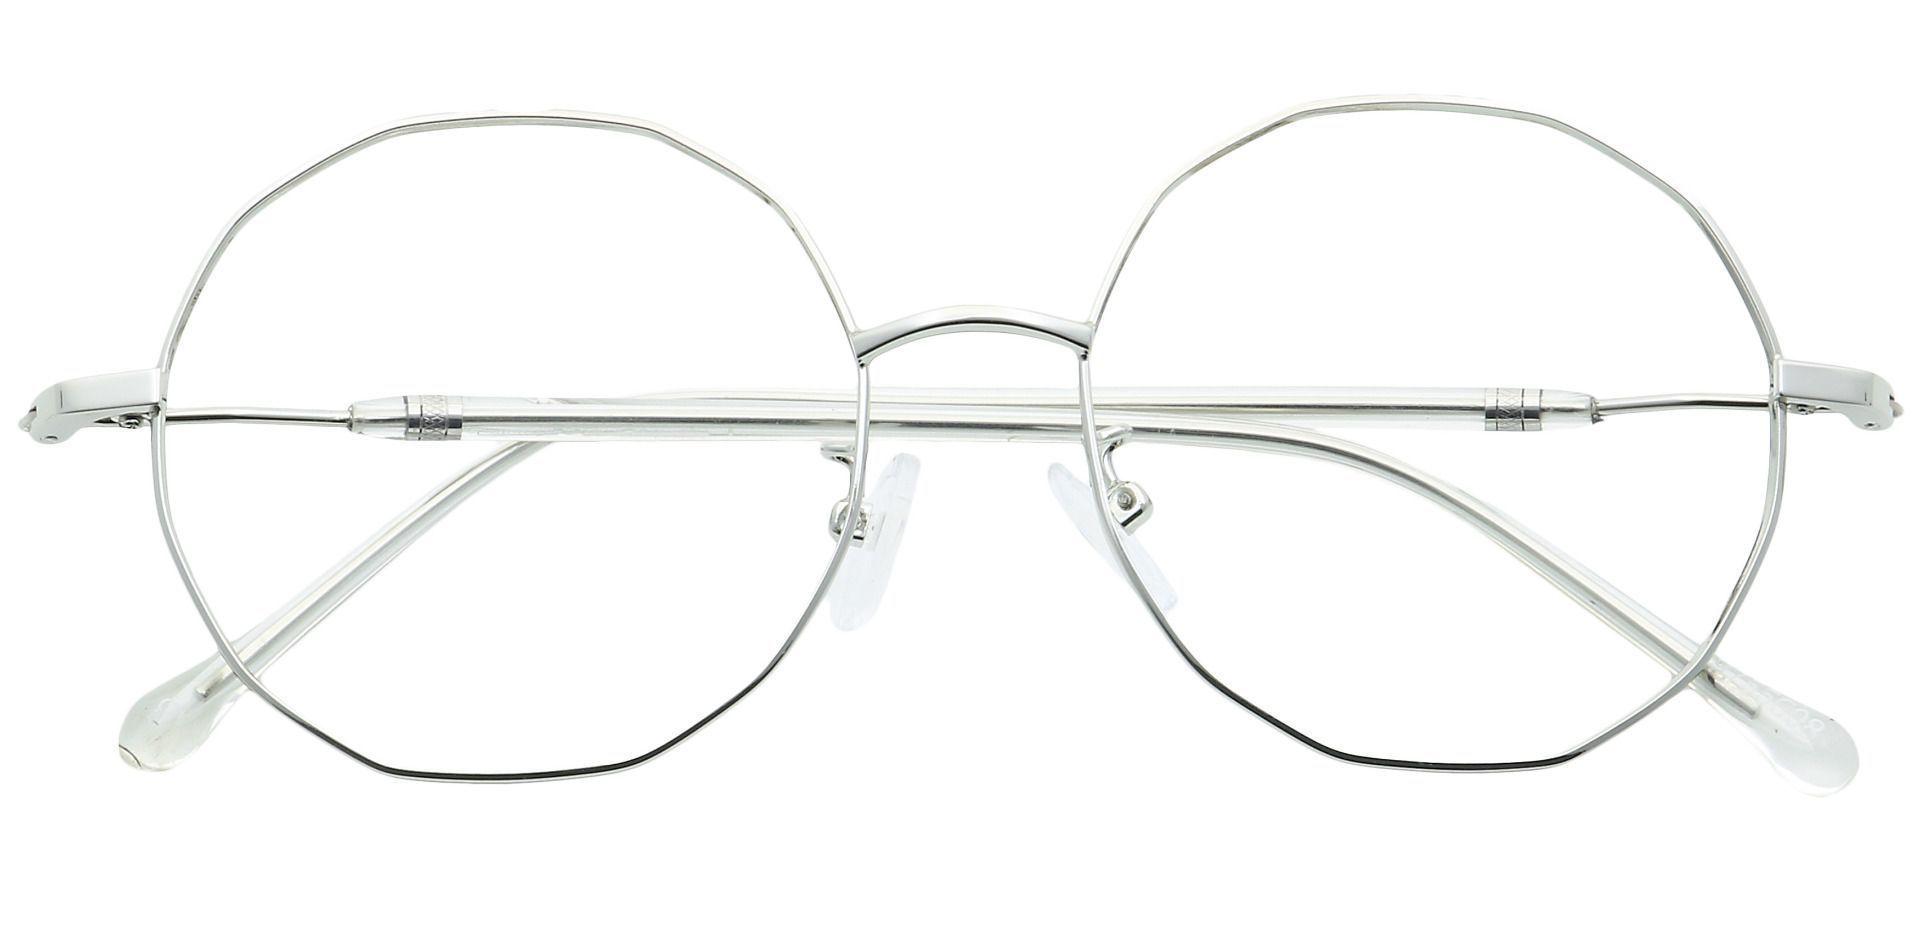 Niles Round Non-Rx Glasses - Clear